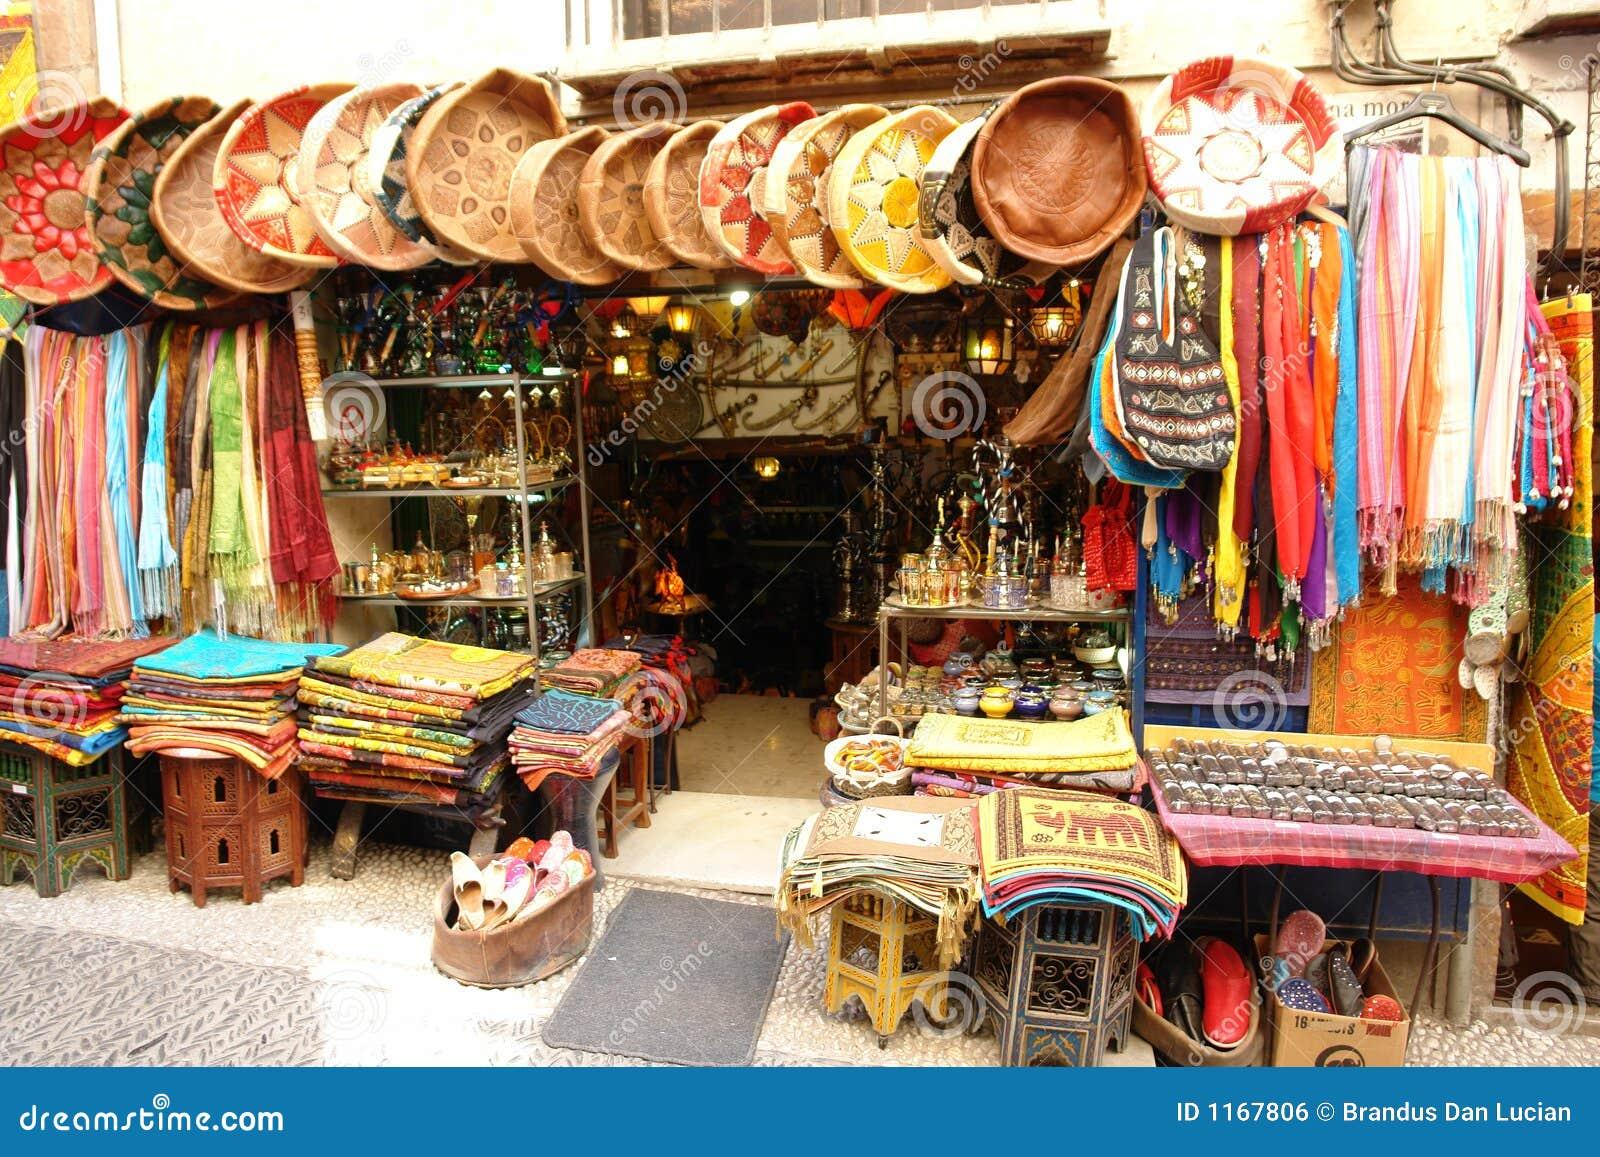 Arab shop 10 kroner